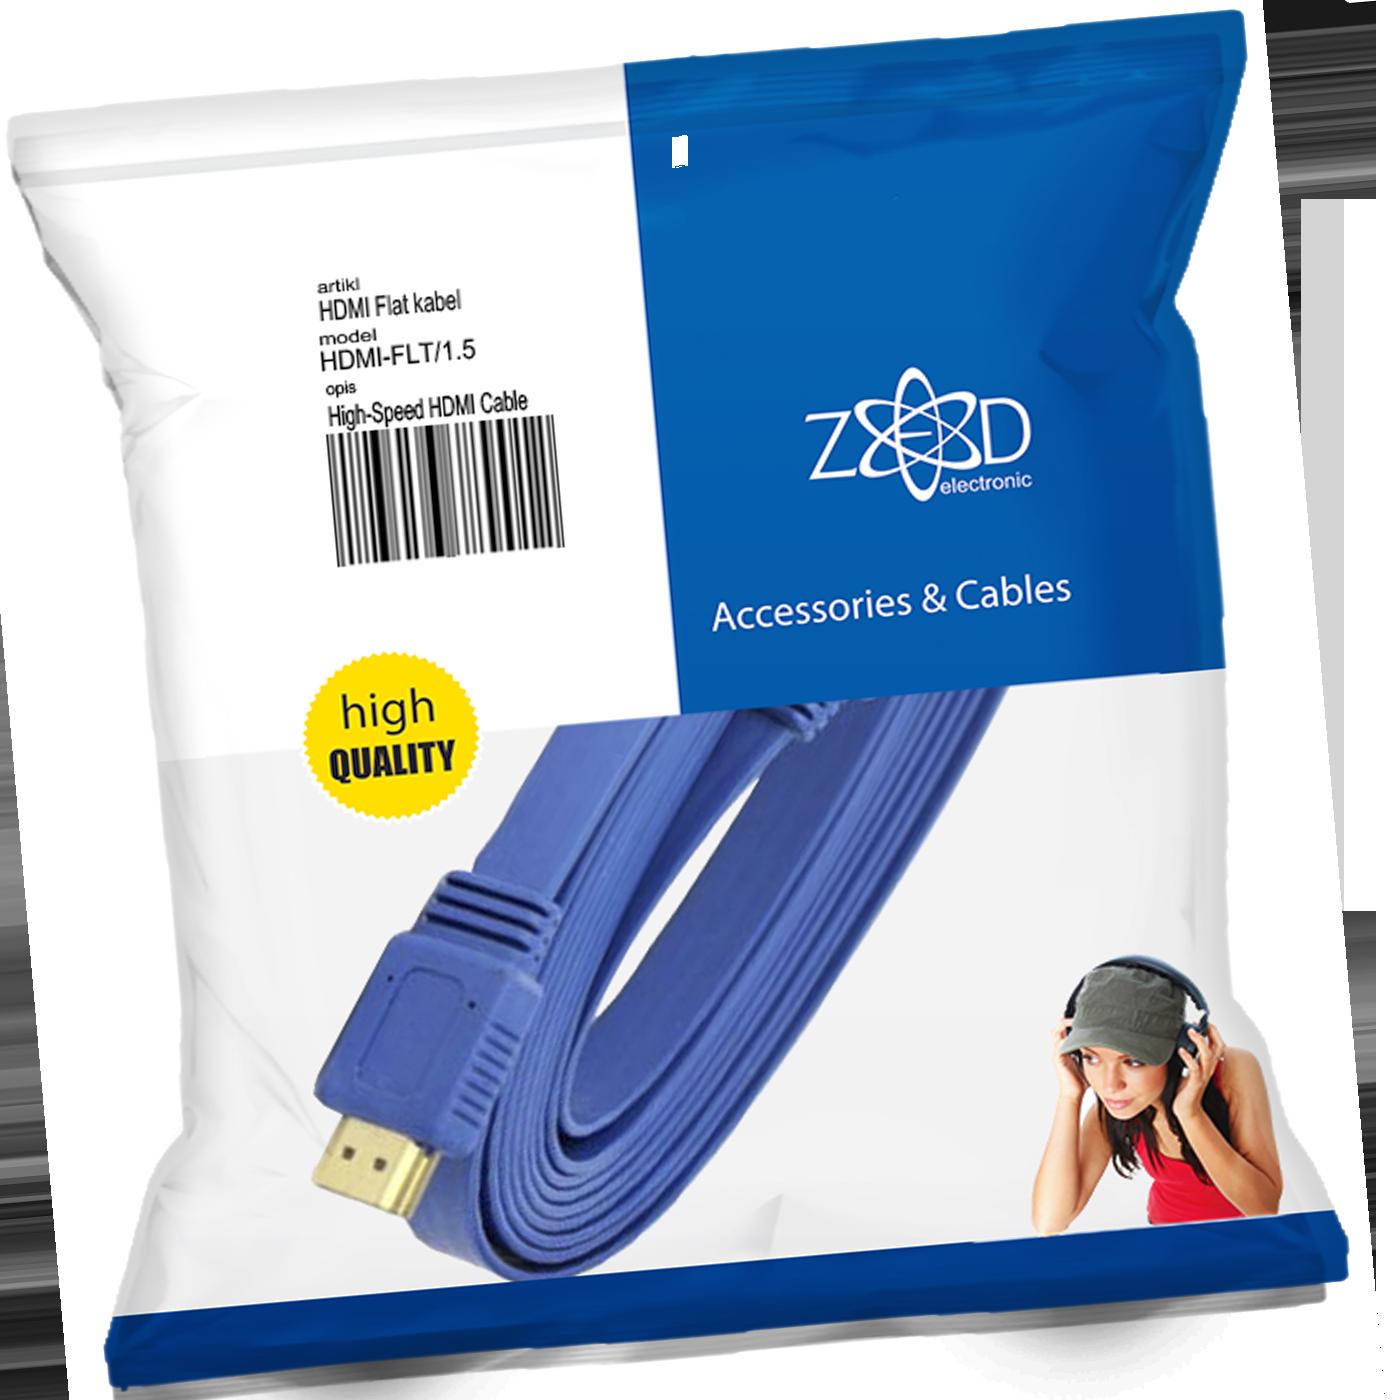 HDMI kabl, plosnati, 1.5 met, ver. 2.0, 3D, Ethernet